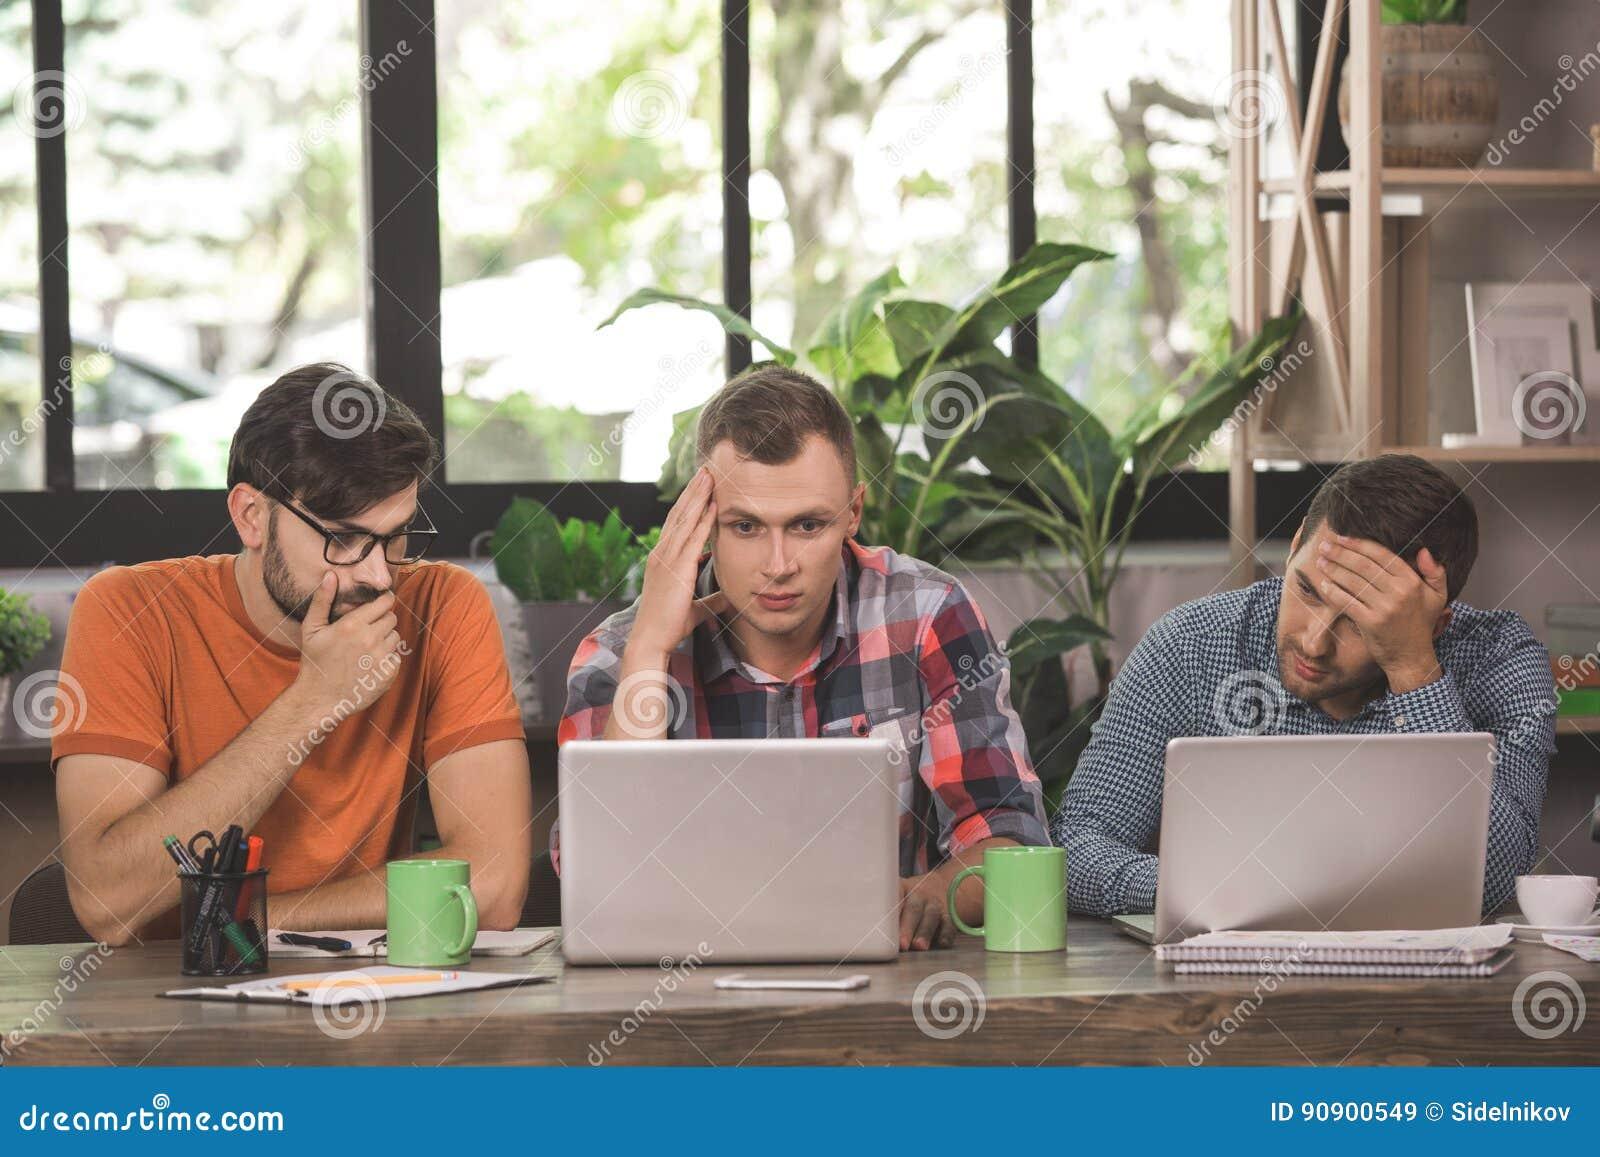 Programmerare för unga män som tillsammans arbetar i kontoret